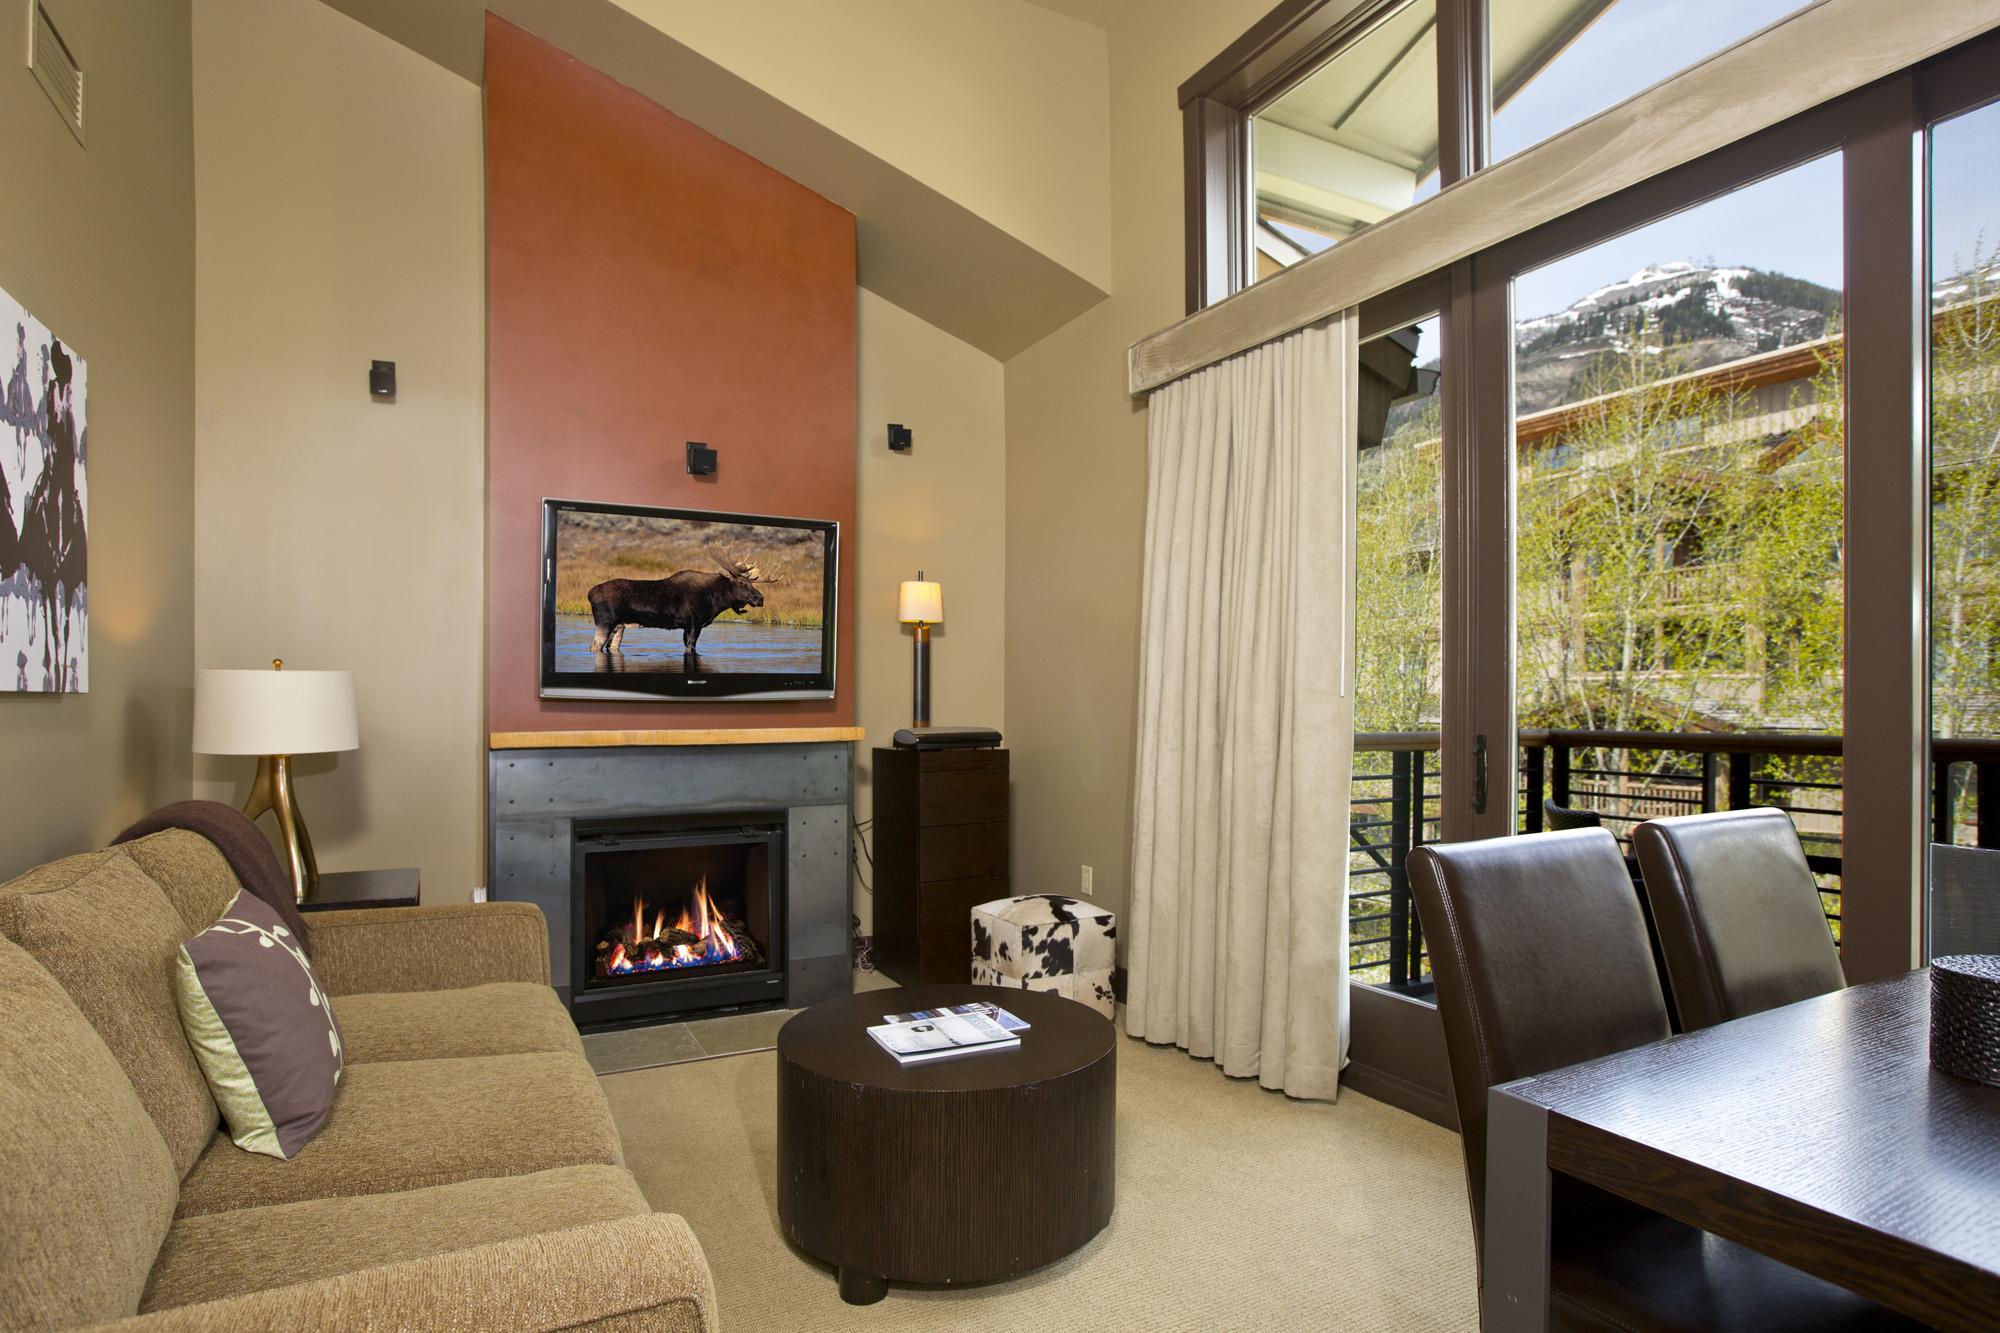 Condominium for Sale at Penthouse Condominium in Hotel Terra 3335 W. Village Drive, unit 522 Teton Village, Wyoming 83025 United States